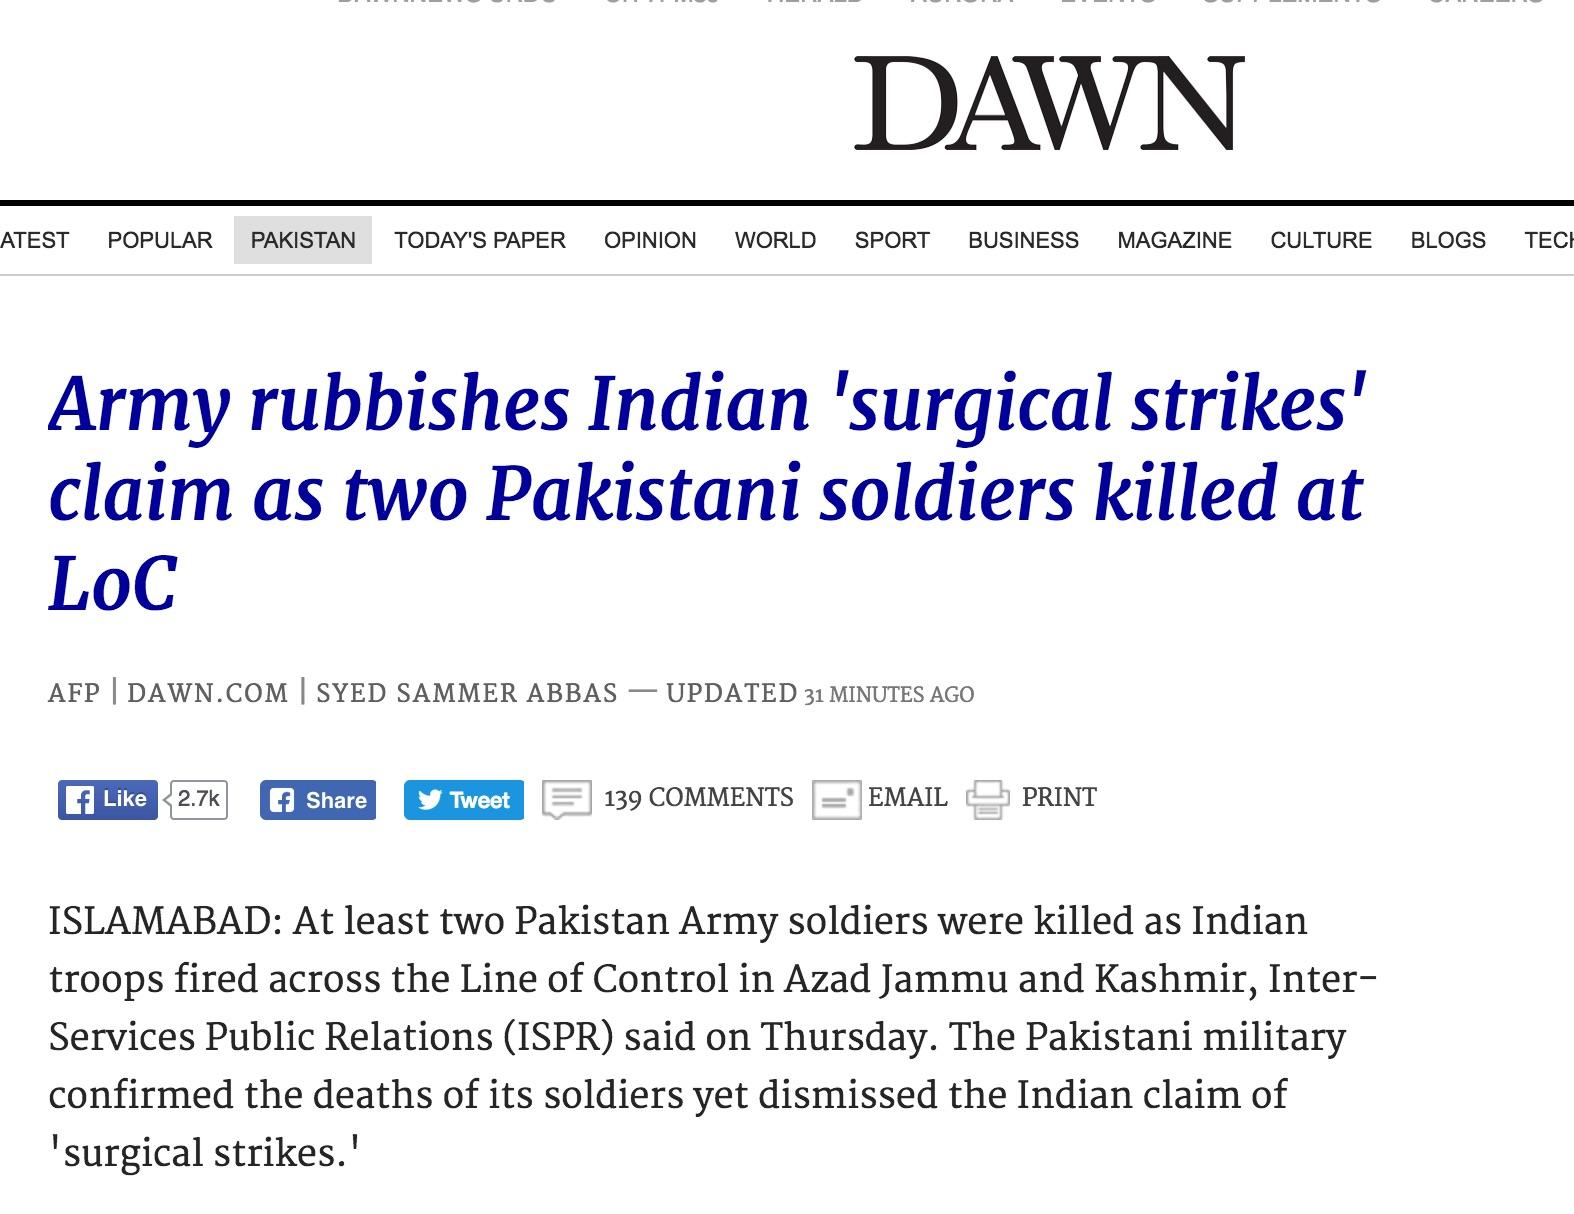 Qui du Pakistan ou de l'Inde a initié la fusillade au Cachemire indien provoquant la mort de deux soldats pakistanais. Copie d'écran de Dawn, le 29 septembre 2016.